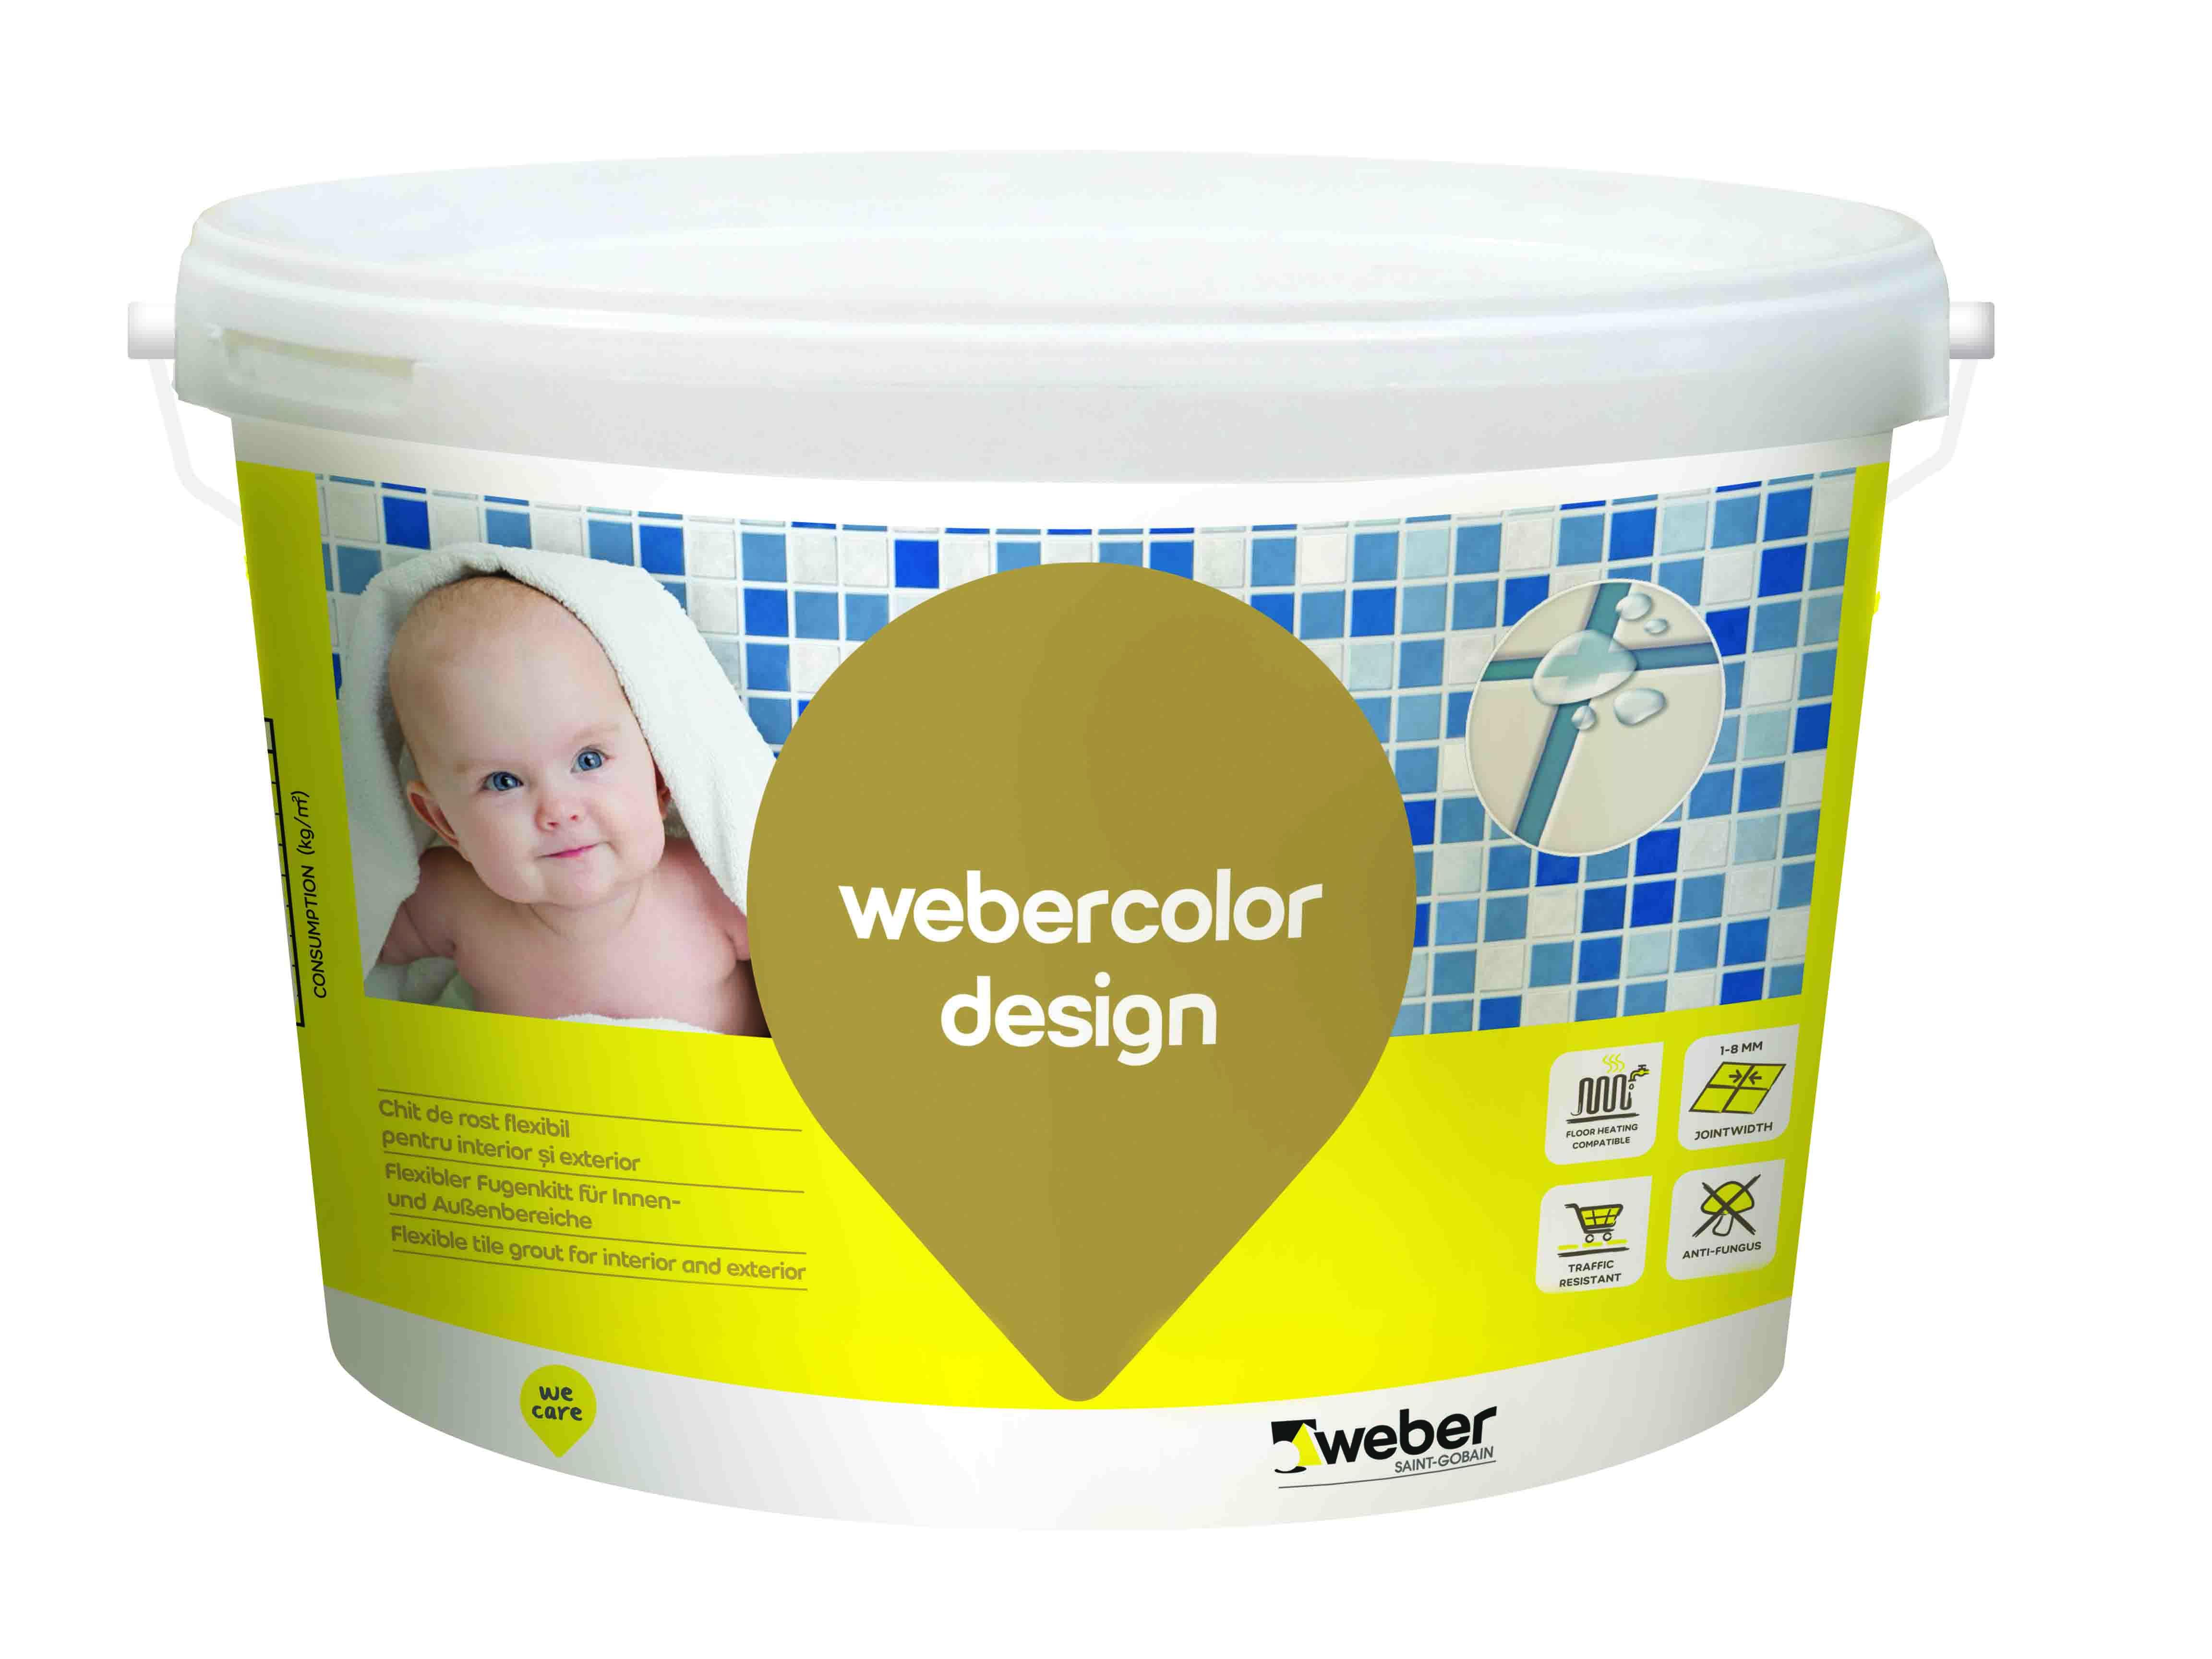 Chit pt rosturi Fuga Weber design pearl grey 5 kg